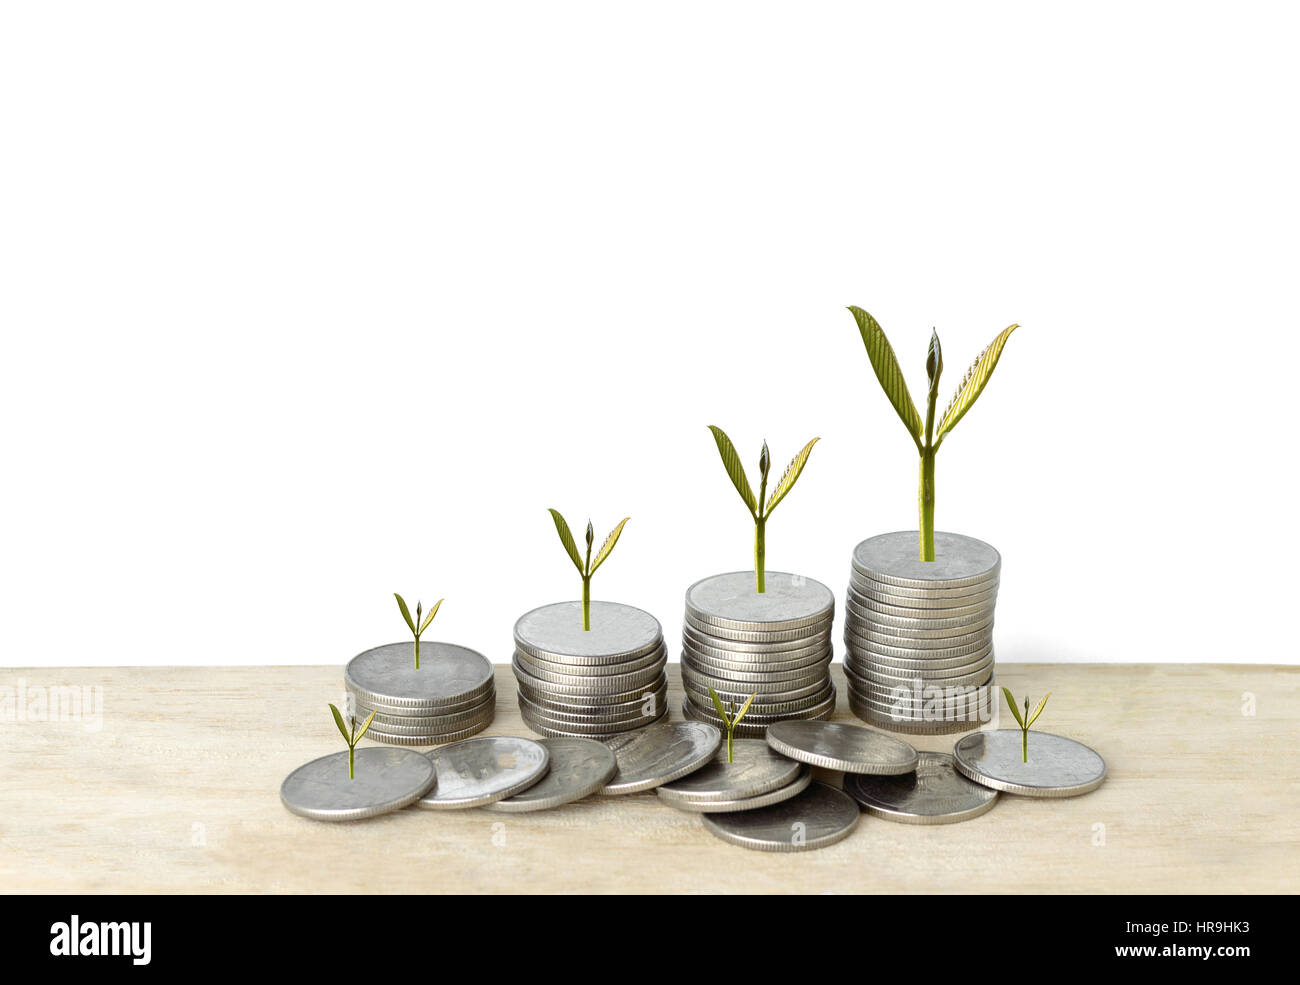 Silbermünze-Stack und Baum im Konzept des Wachstums in einer isolierten Hintergrund. Stockbild